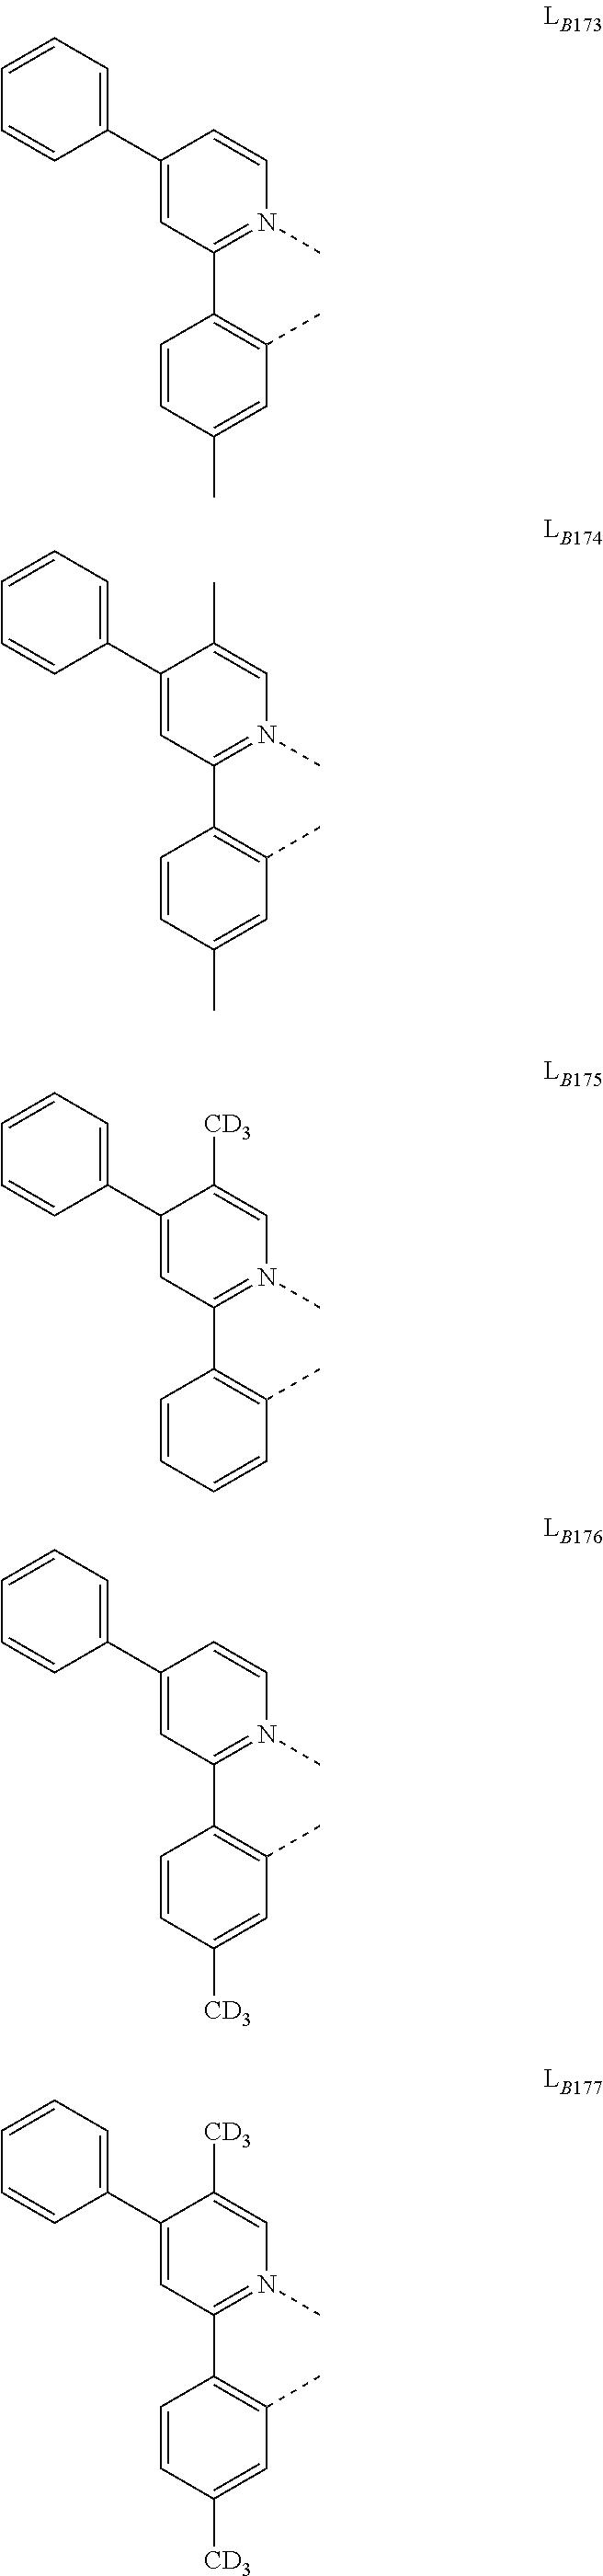 Figure US20180130962A1-20180510-C00294